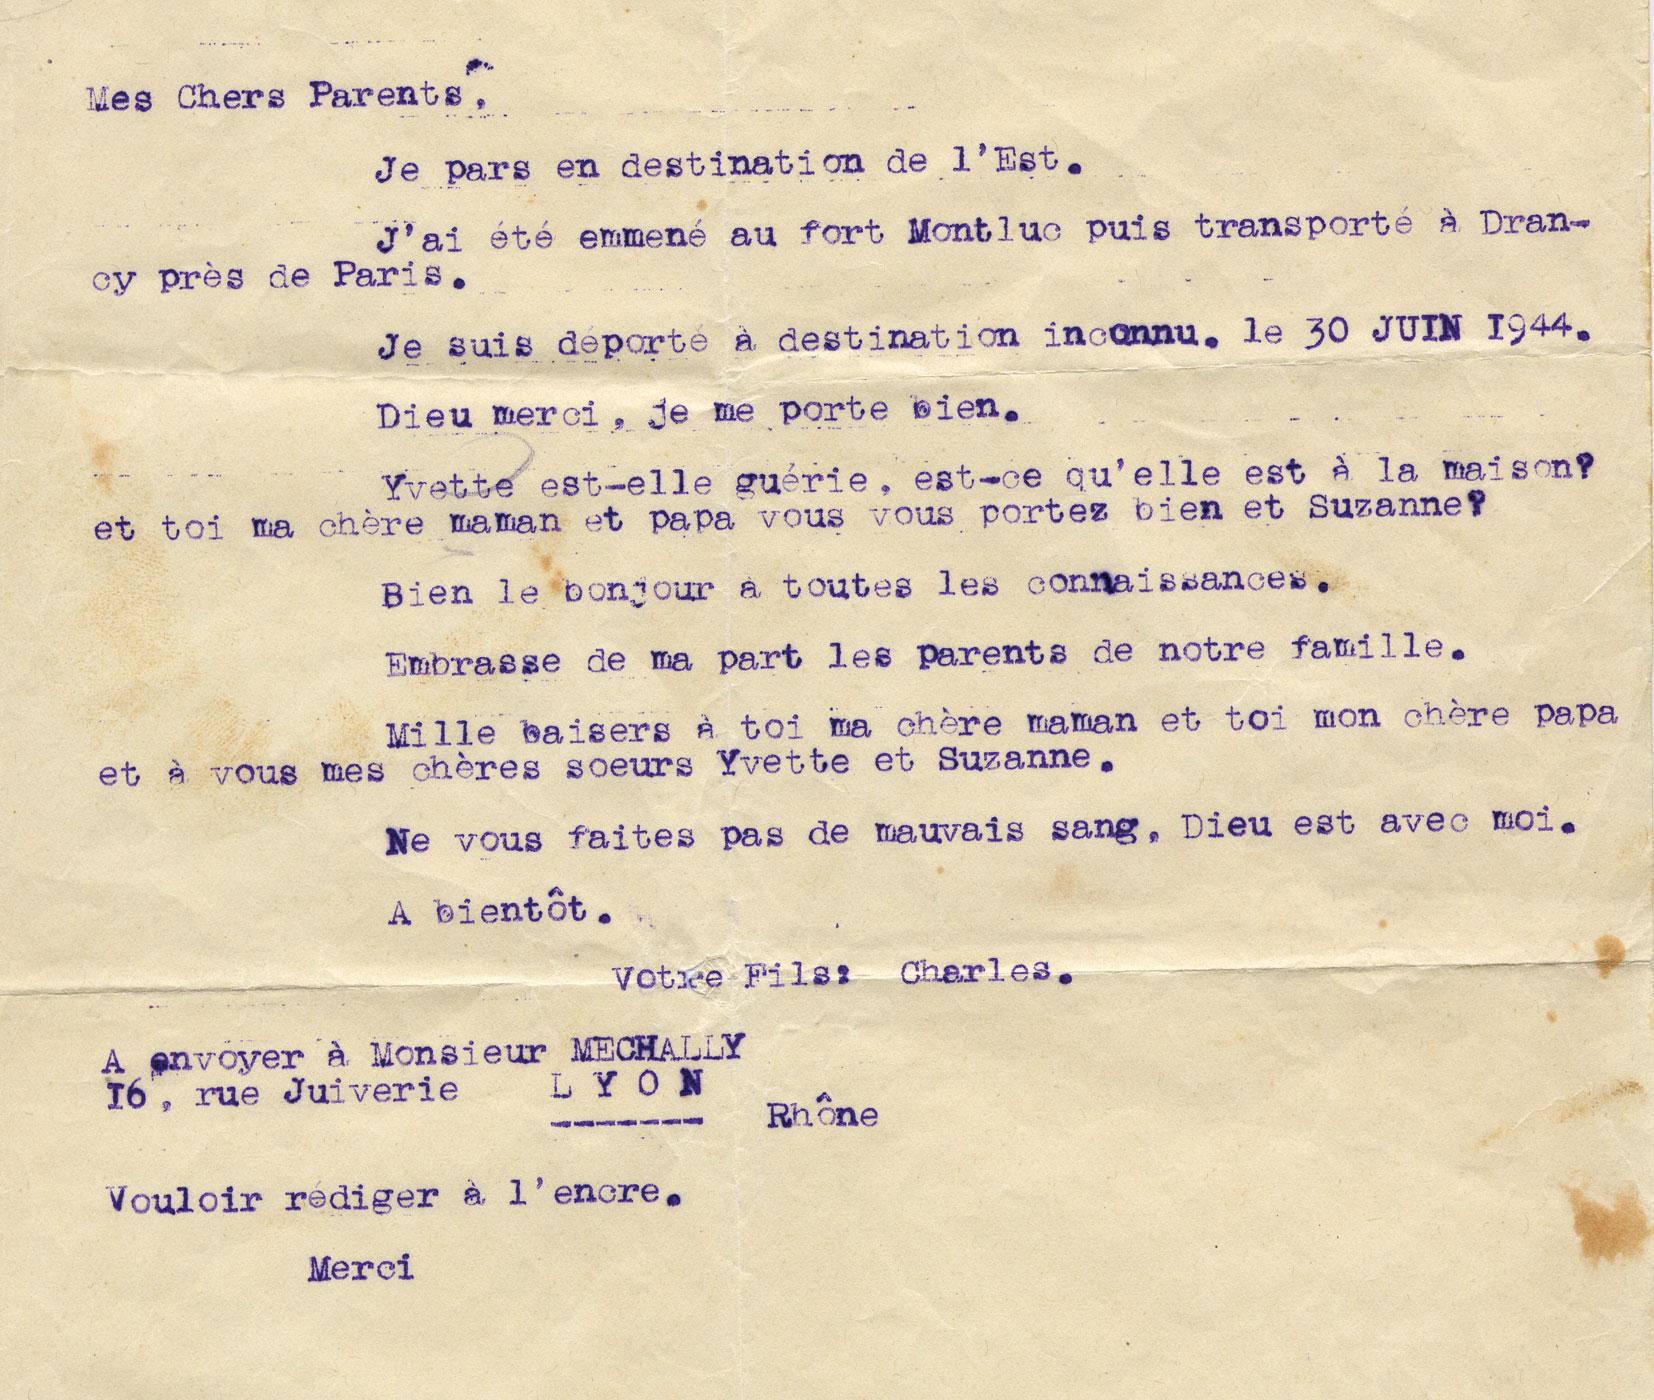 Lettre de Charles à ses parents, Mechally, Saint-Fons